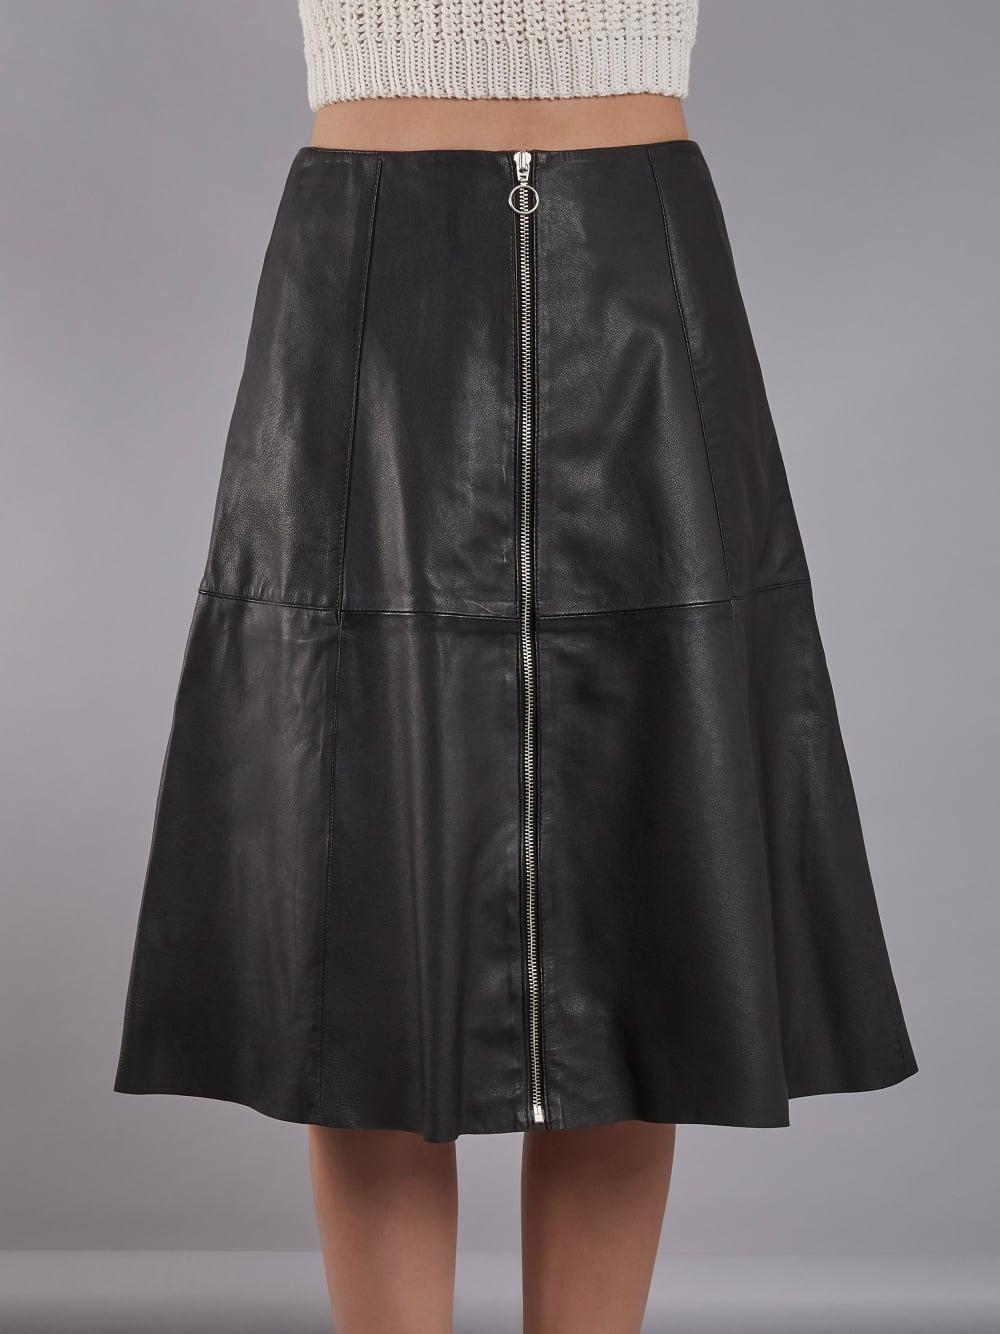 59e8b37c6 Muubaa Lotus Black Leather Midi Skirt